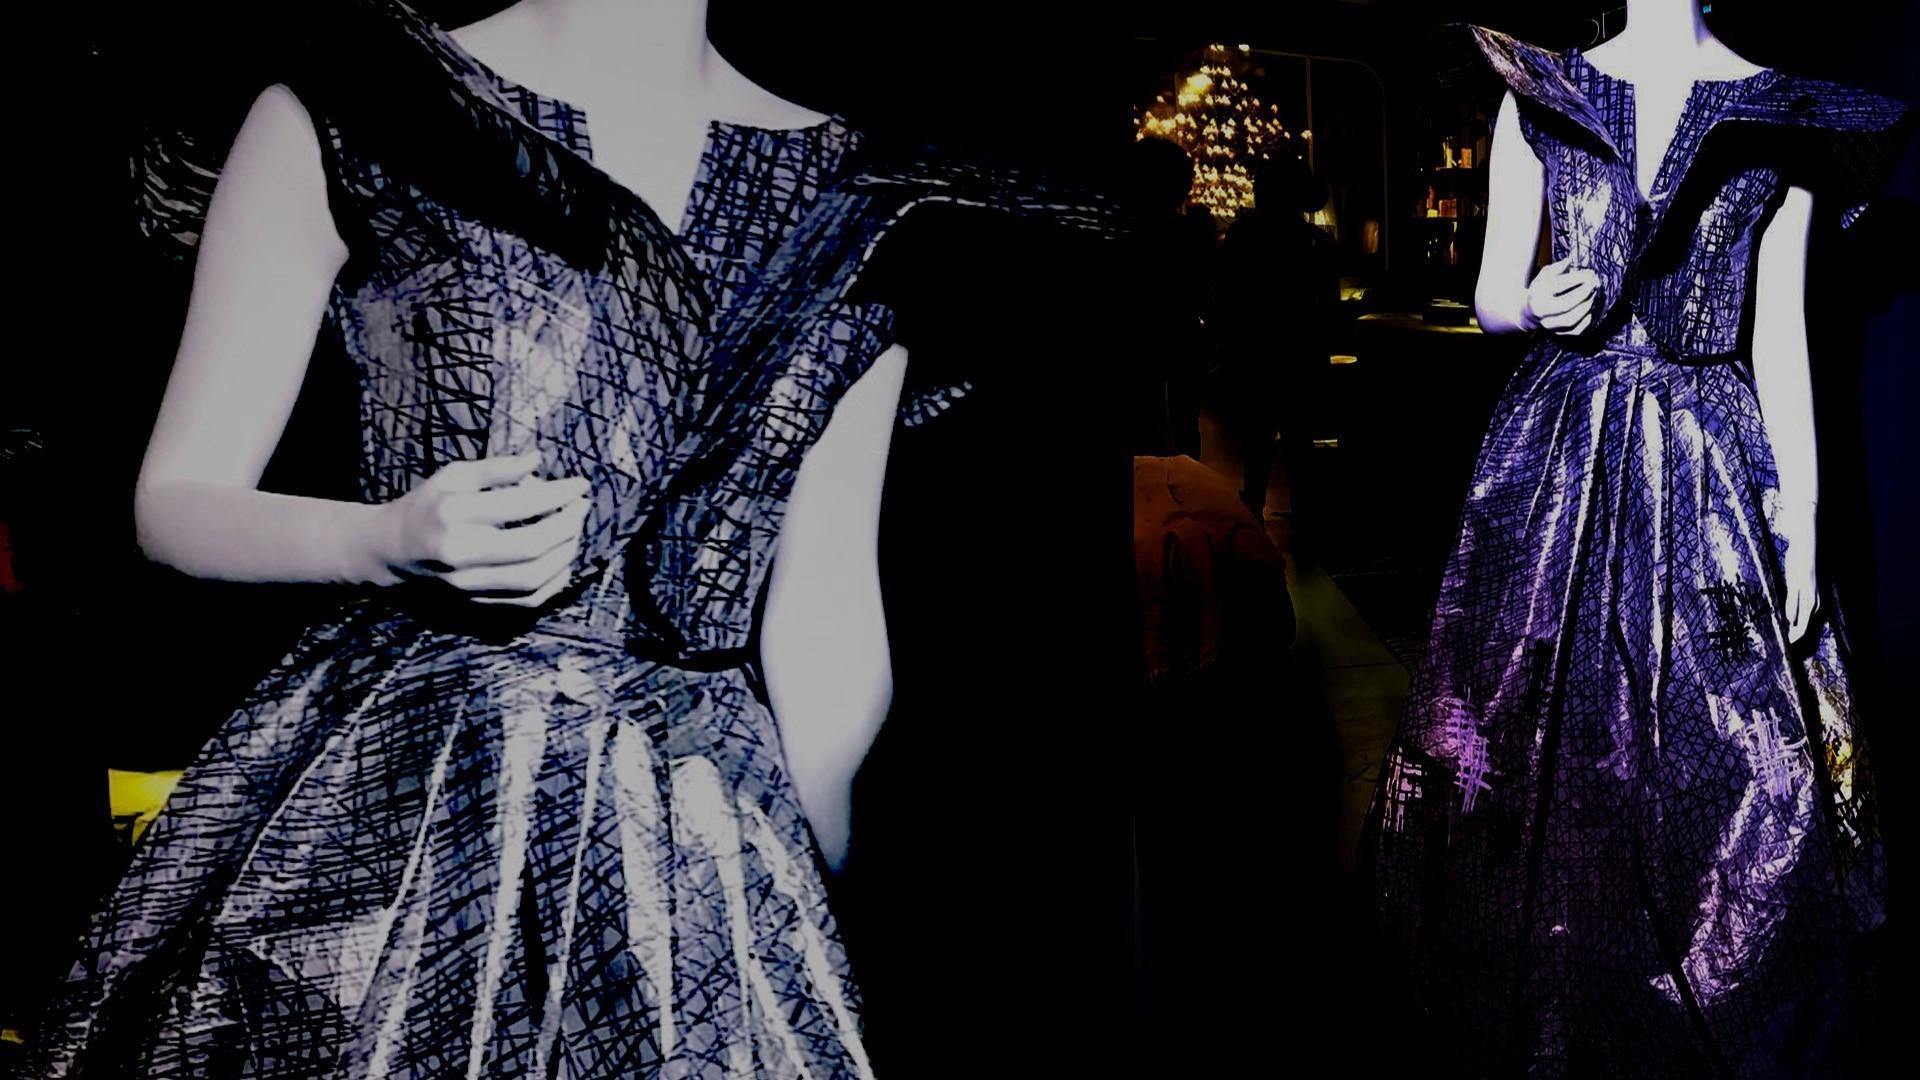 kyu-by-kesi-art-in-fashion-presentation